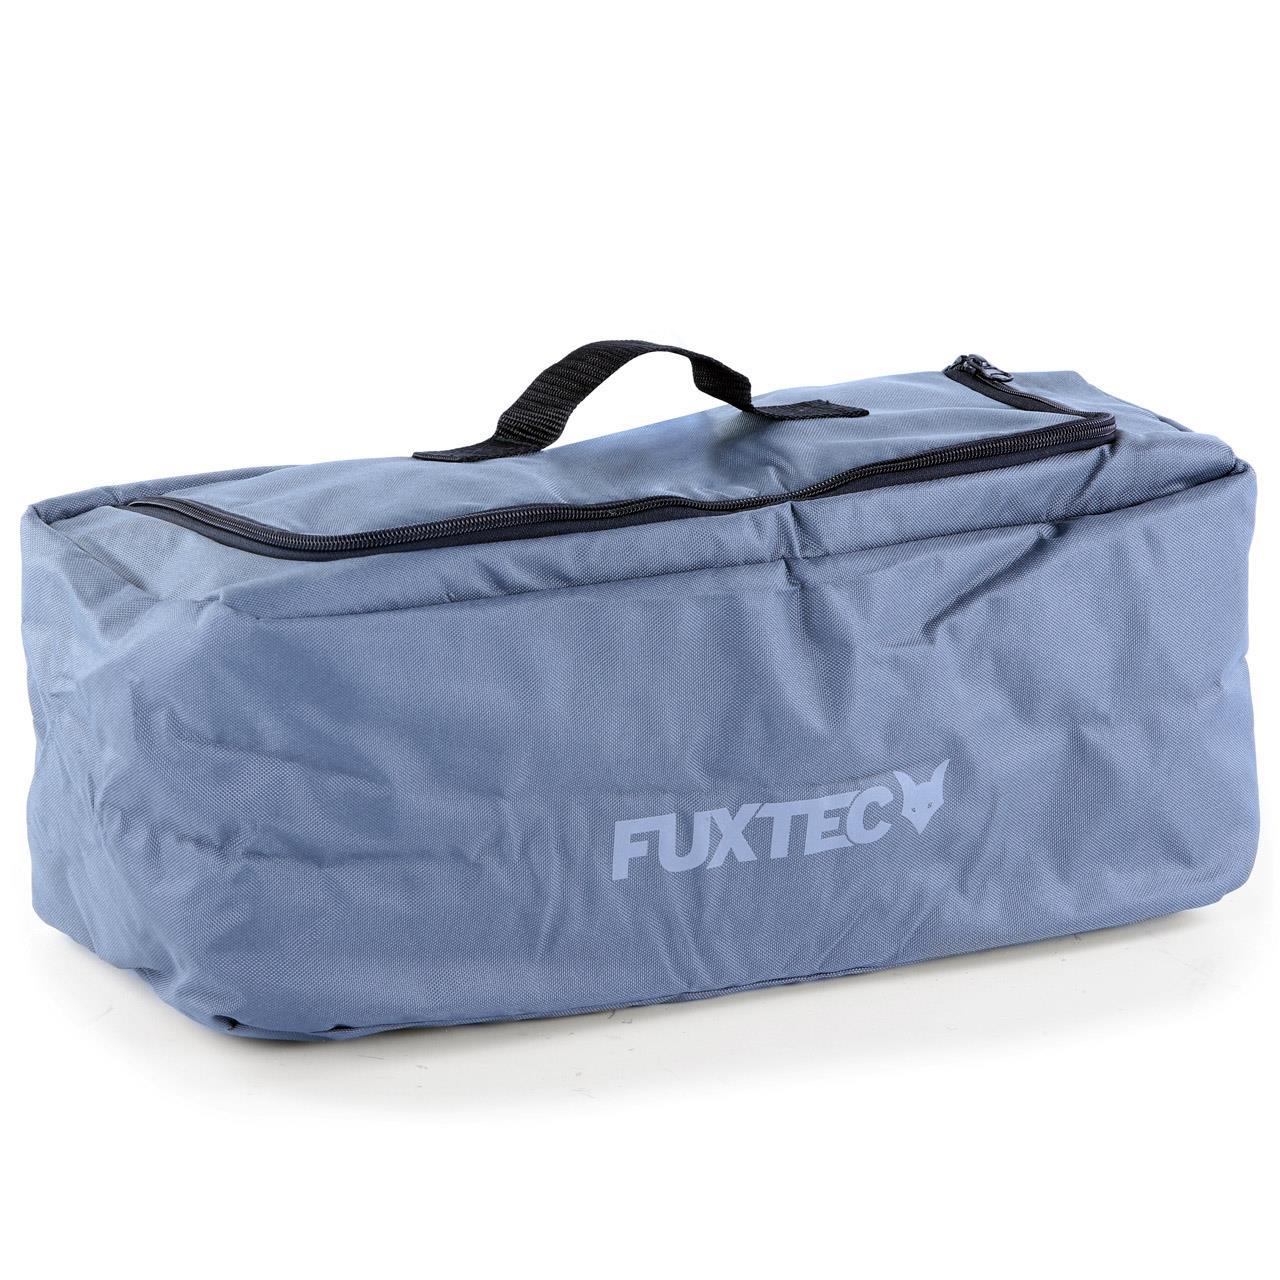 FUXTEC Kühltasche GRAU für Bollerwagen CT700/CT800